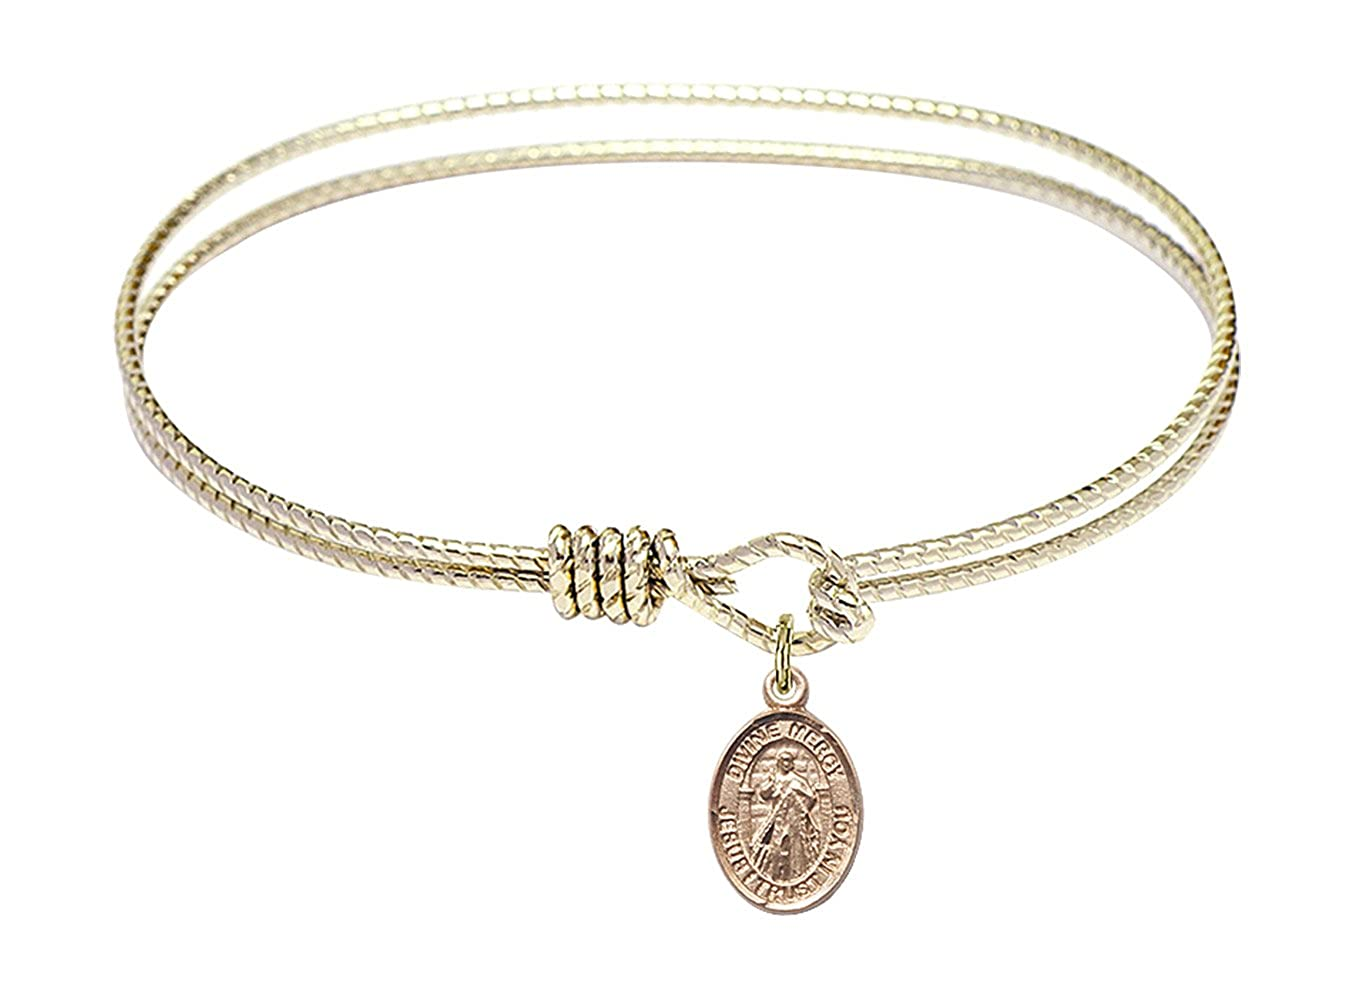 DiamondJewelryNY Eye Hook Bangle Bracelet with a Divine Mercy Charm.